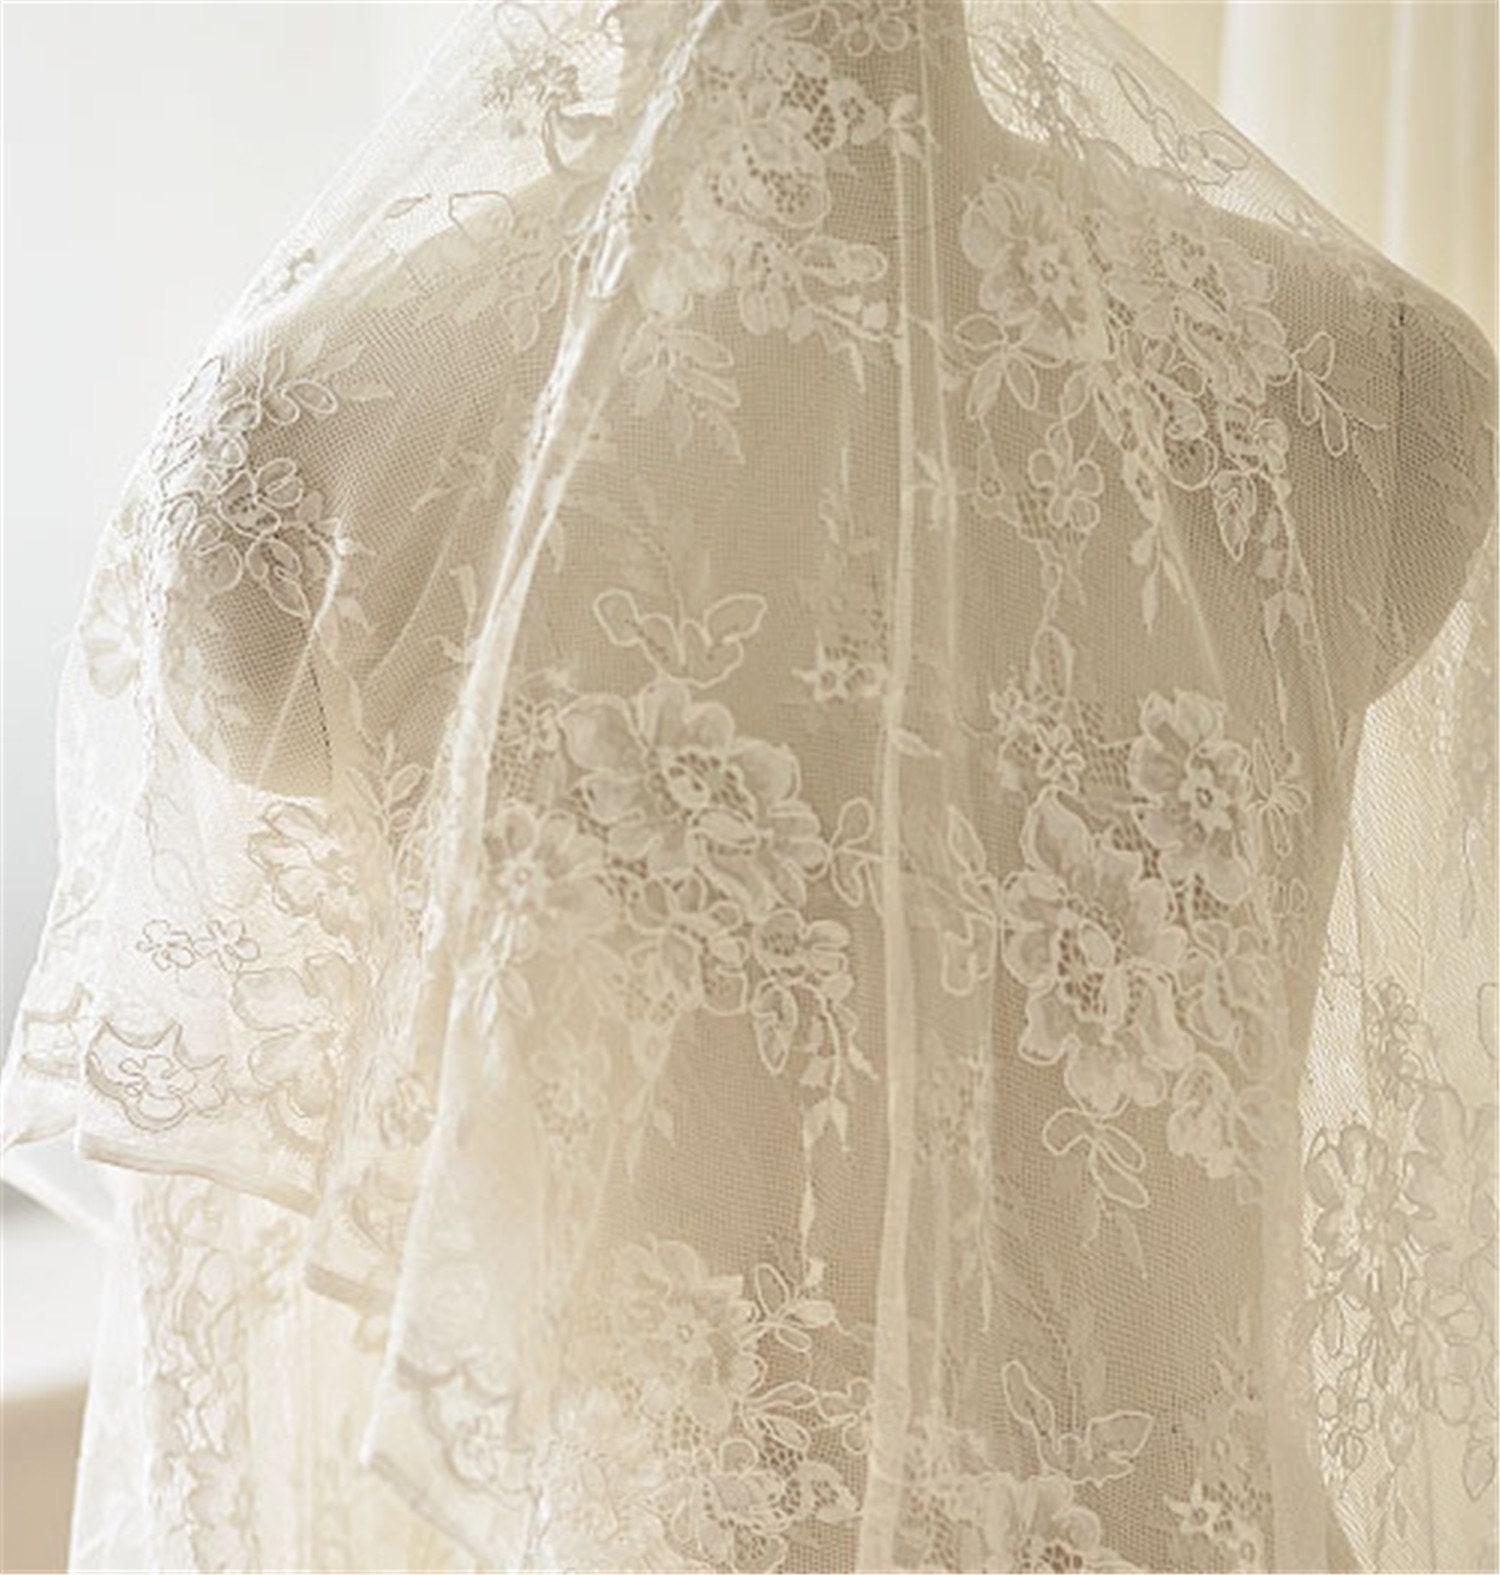 ac11624afdbd8 Fleur cordée en tissu dentelle broderie cordée Fleur matériaux tissus  passementerie artisanat bricolage mariage mariée robe de soirée pleine de  fantaisie ...